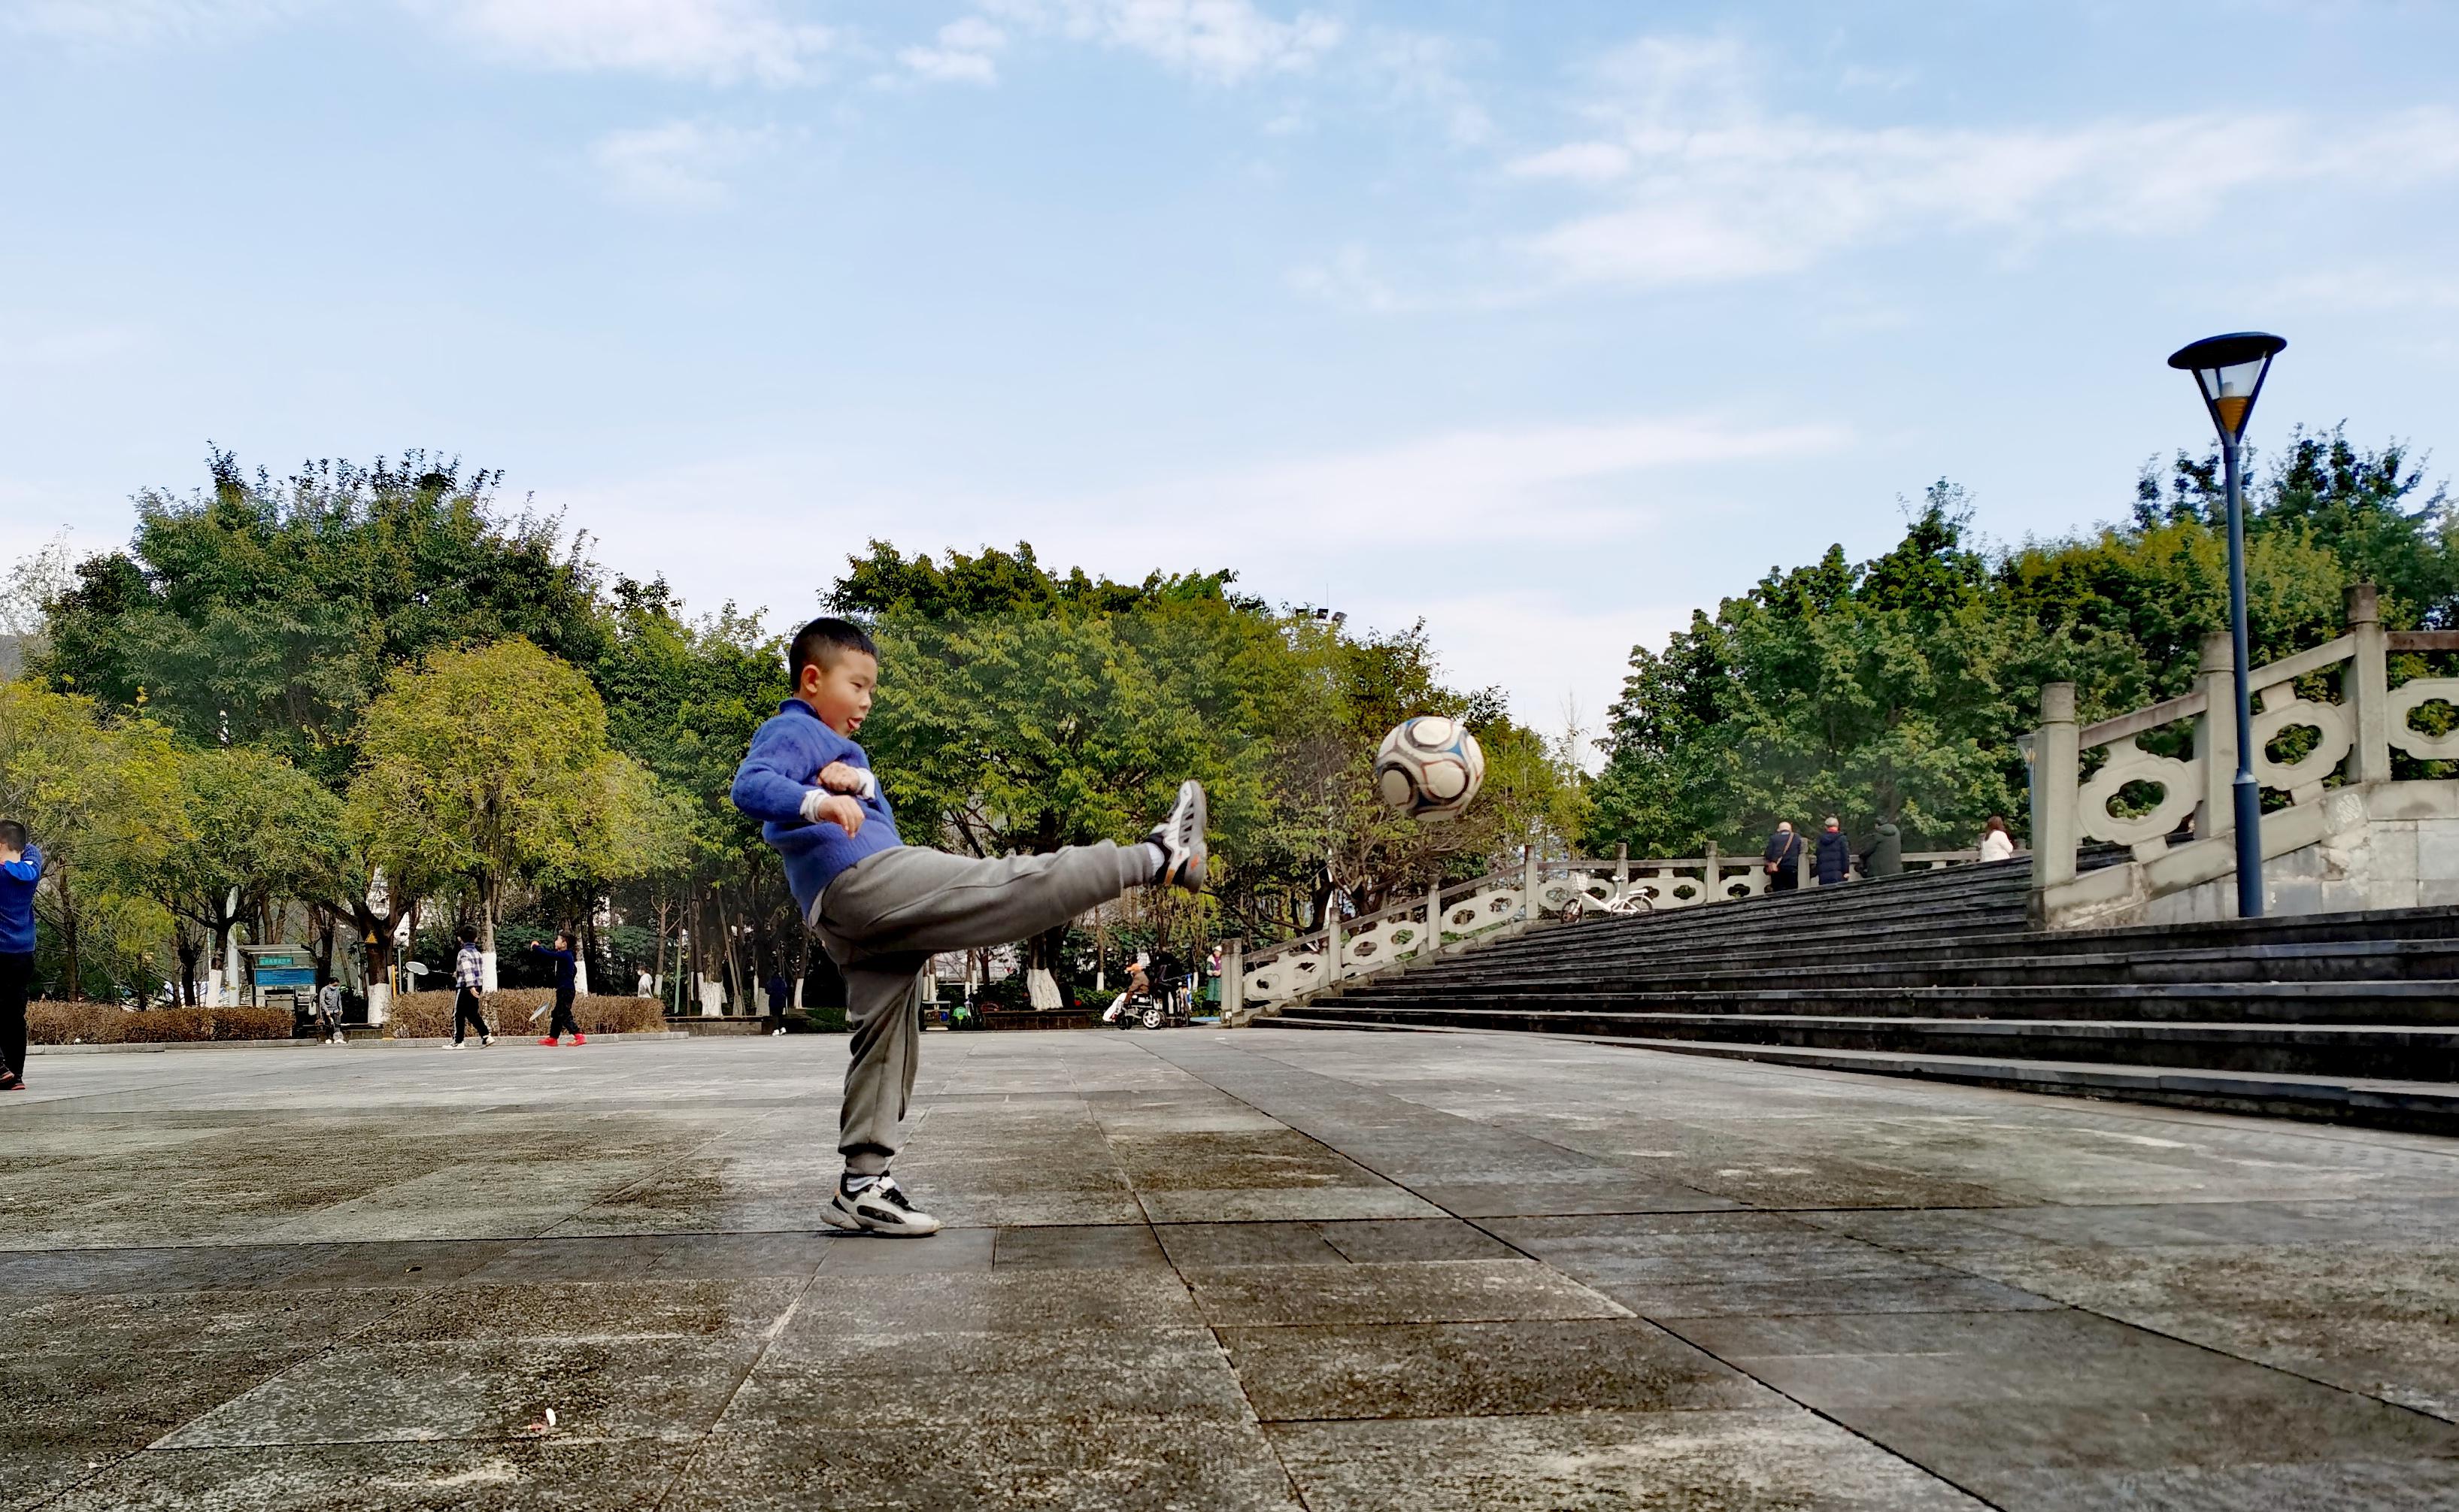 重庆-朱占文 《足球练习》 HUAWEI.jpg